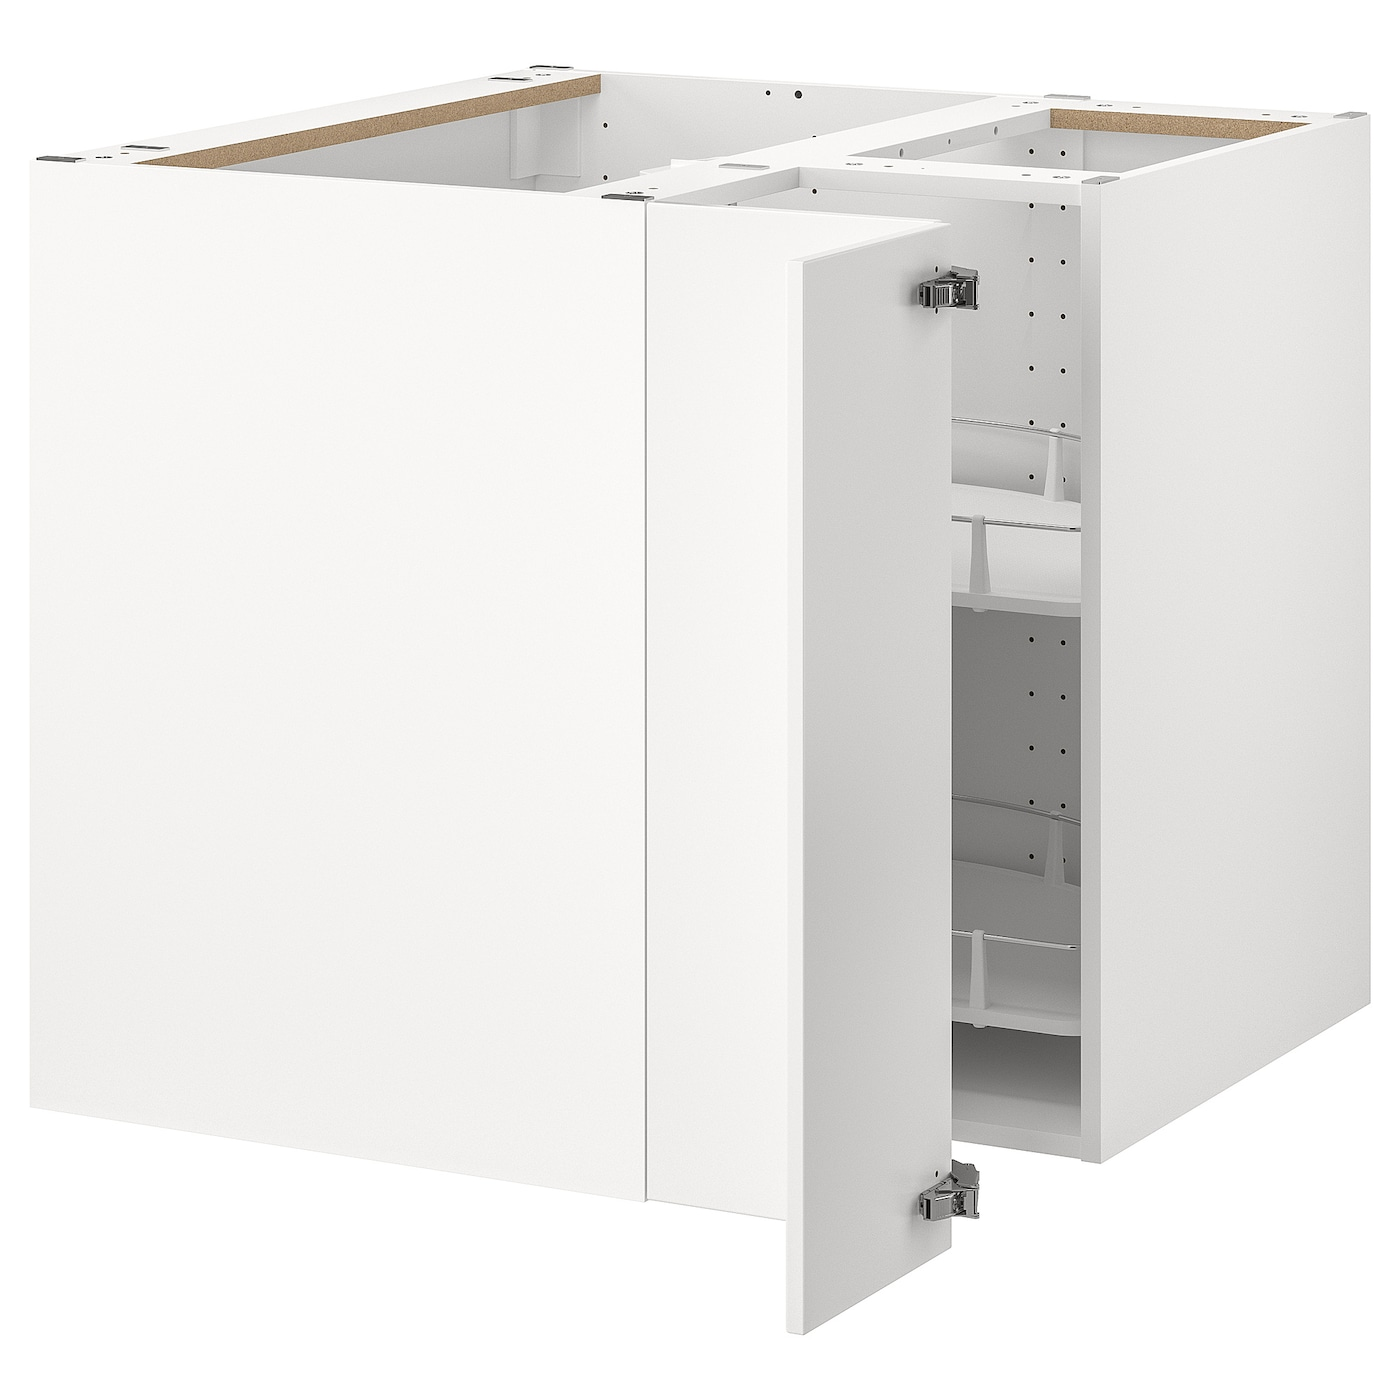 Metod Corner Base Cabinet With Carousel White Veddinge White Ikea